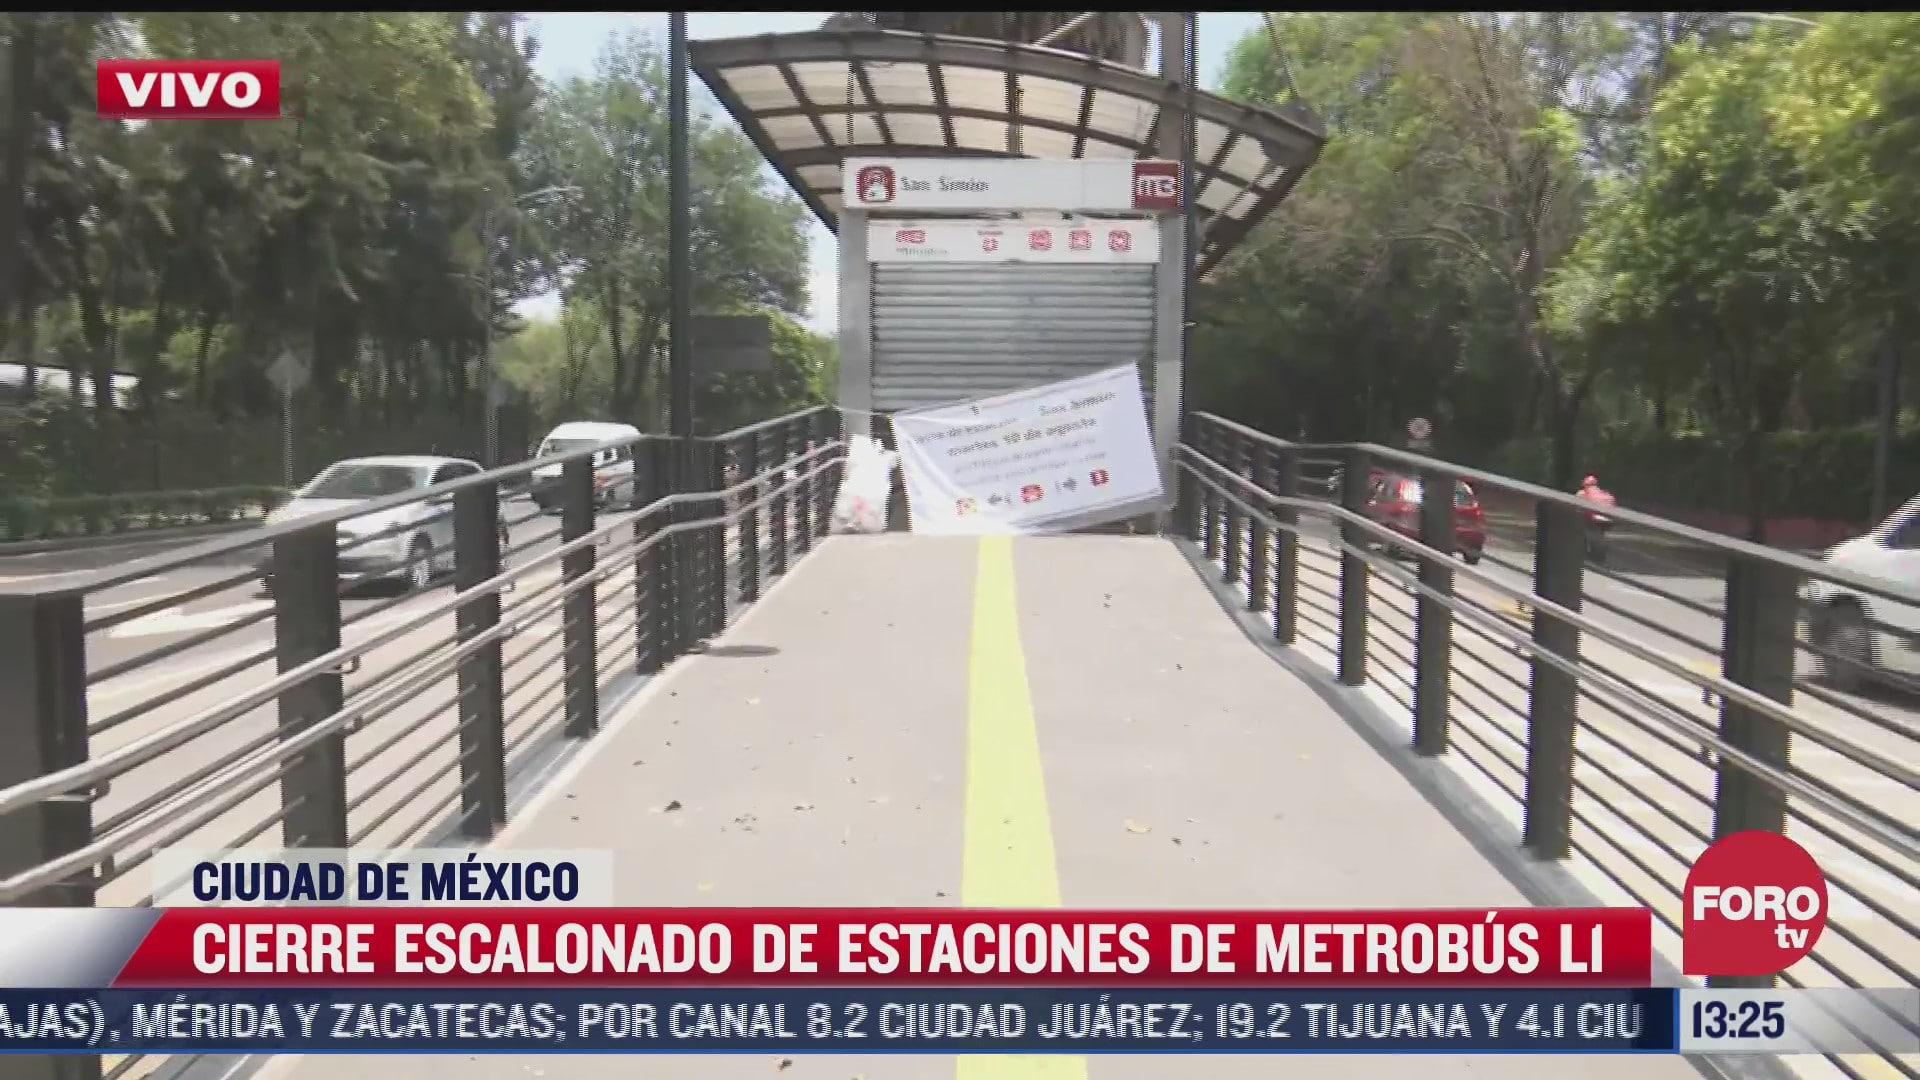 linea 1 del metrobus en cdmx cerrara varias estaciones por obras de mantenimiento